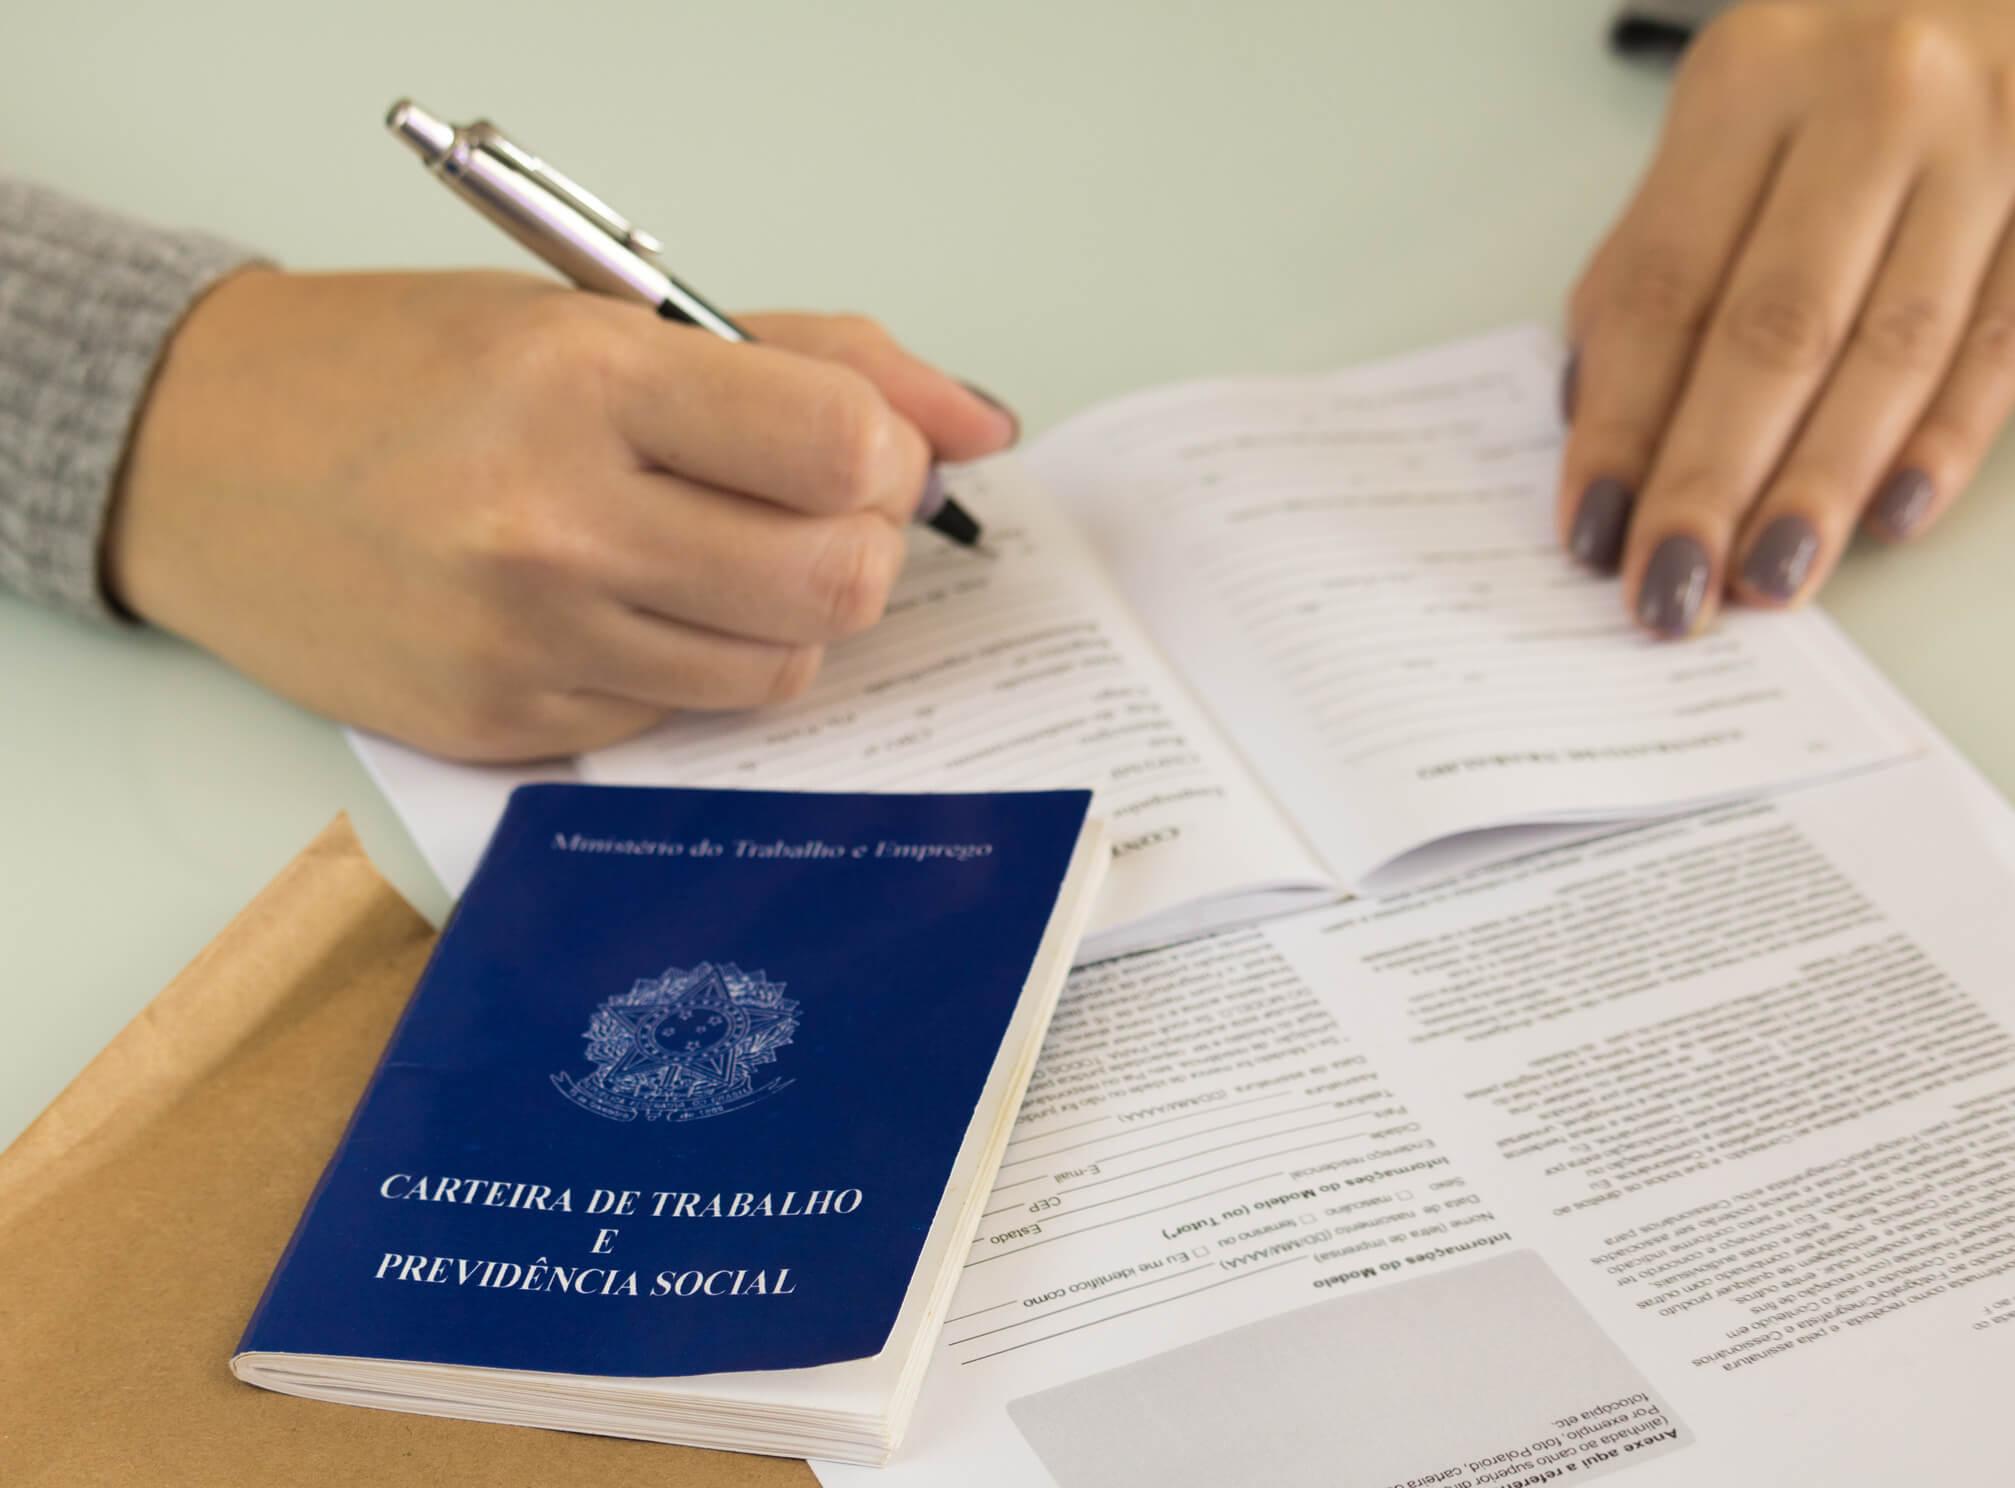 Férias na carteira de trabalho: veja como registrar!